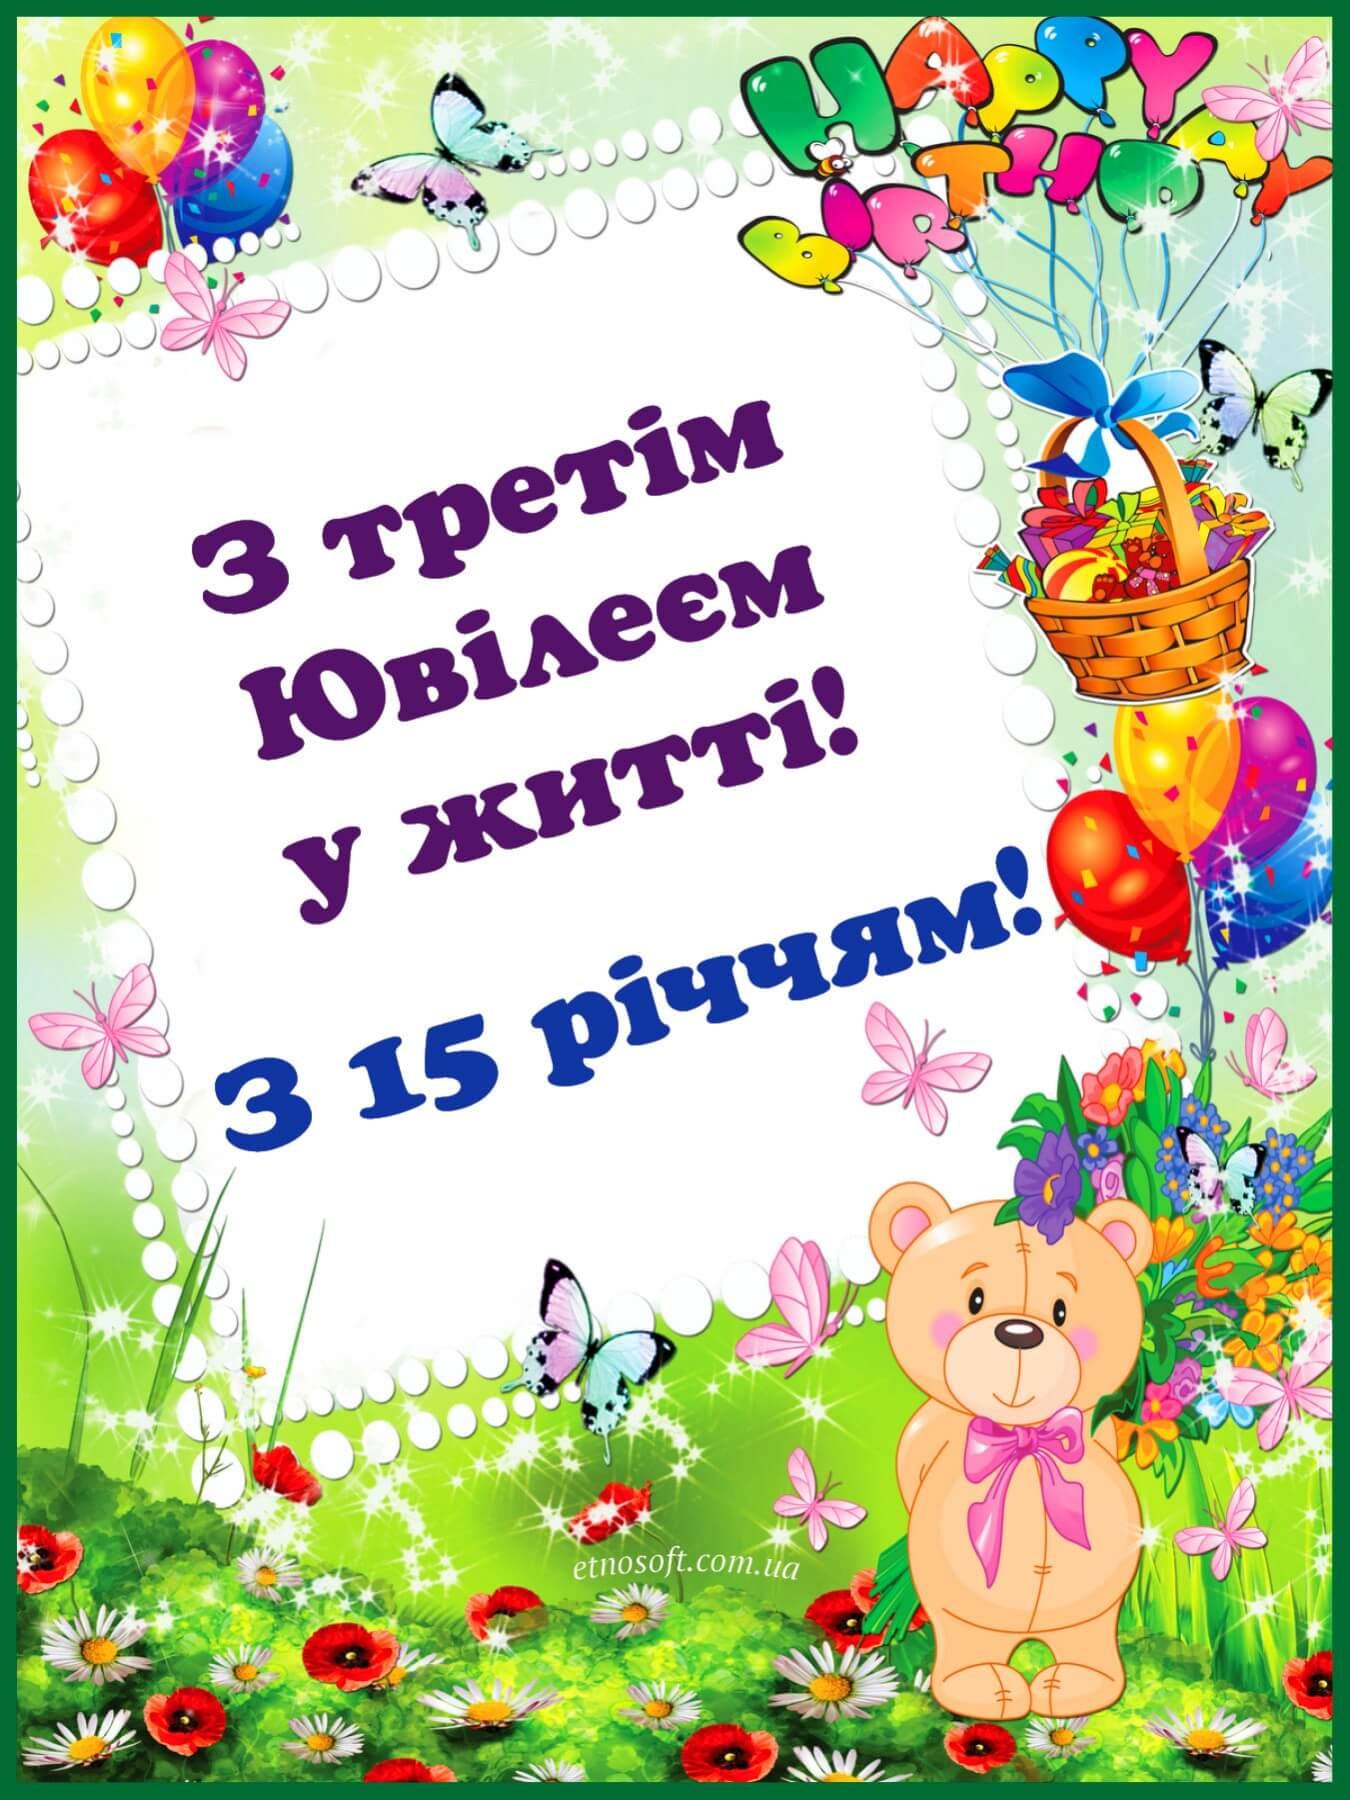 Вітальна листівка з Днем Народження на 15 років - картинка-привітання на Ювілей для хлопчика чи дівочки